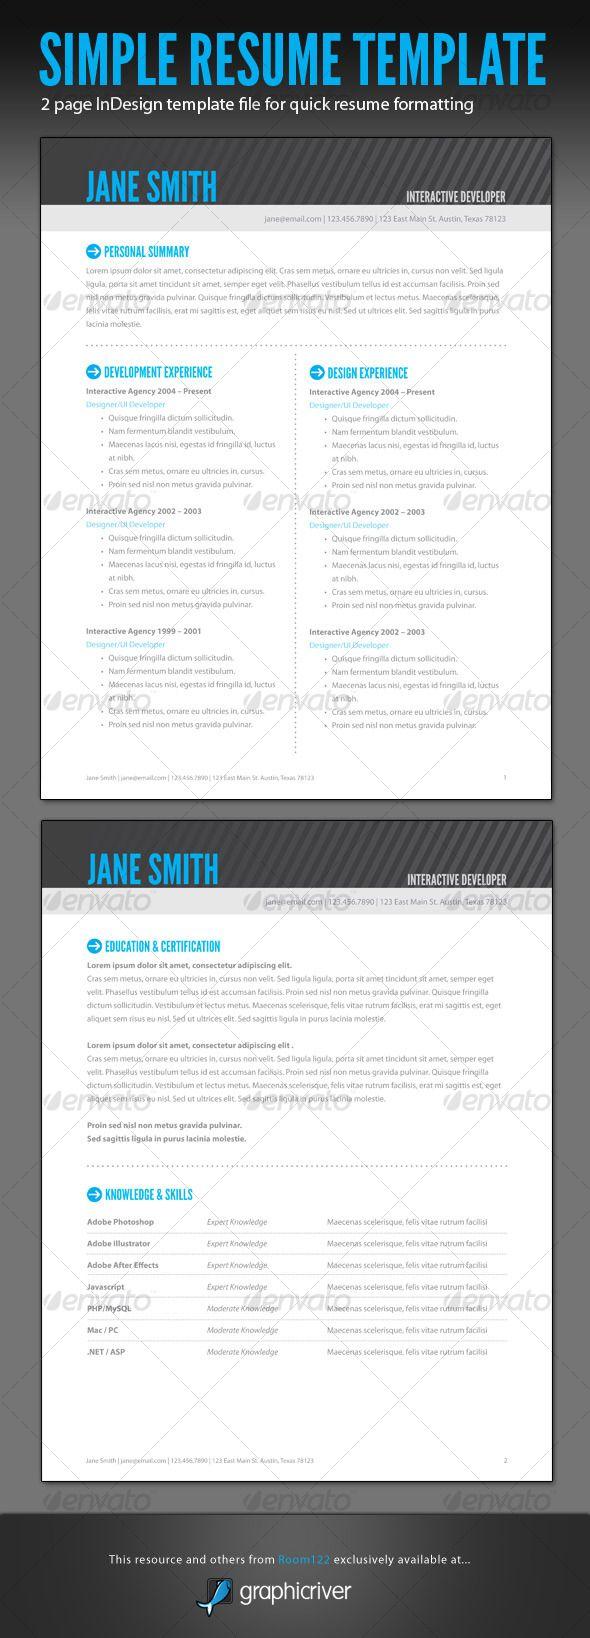 Indesign Letter Template - Adobe Indesign Resume Template Resume Template Indesign All Best Cv